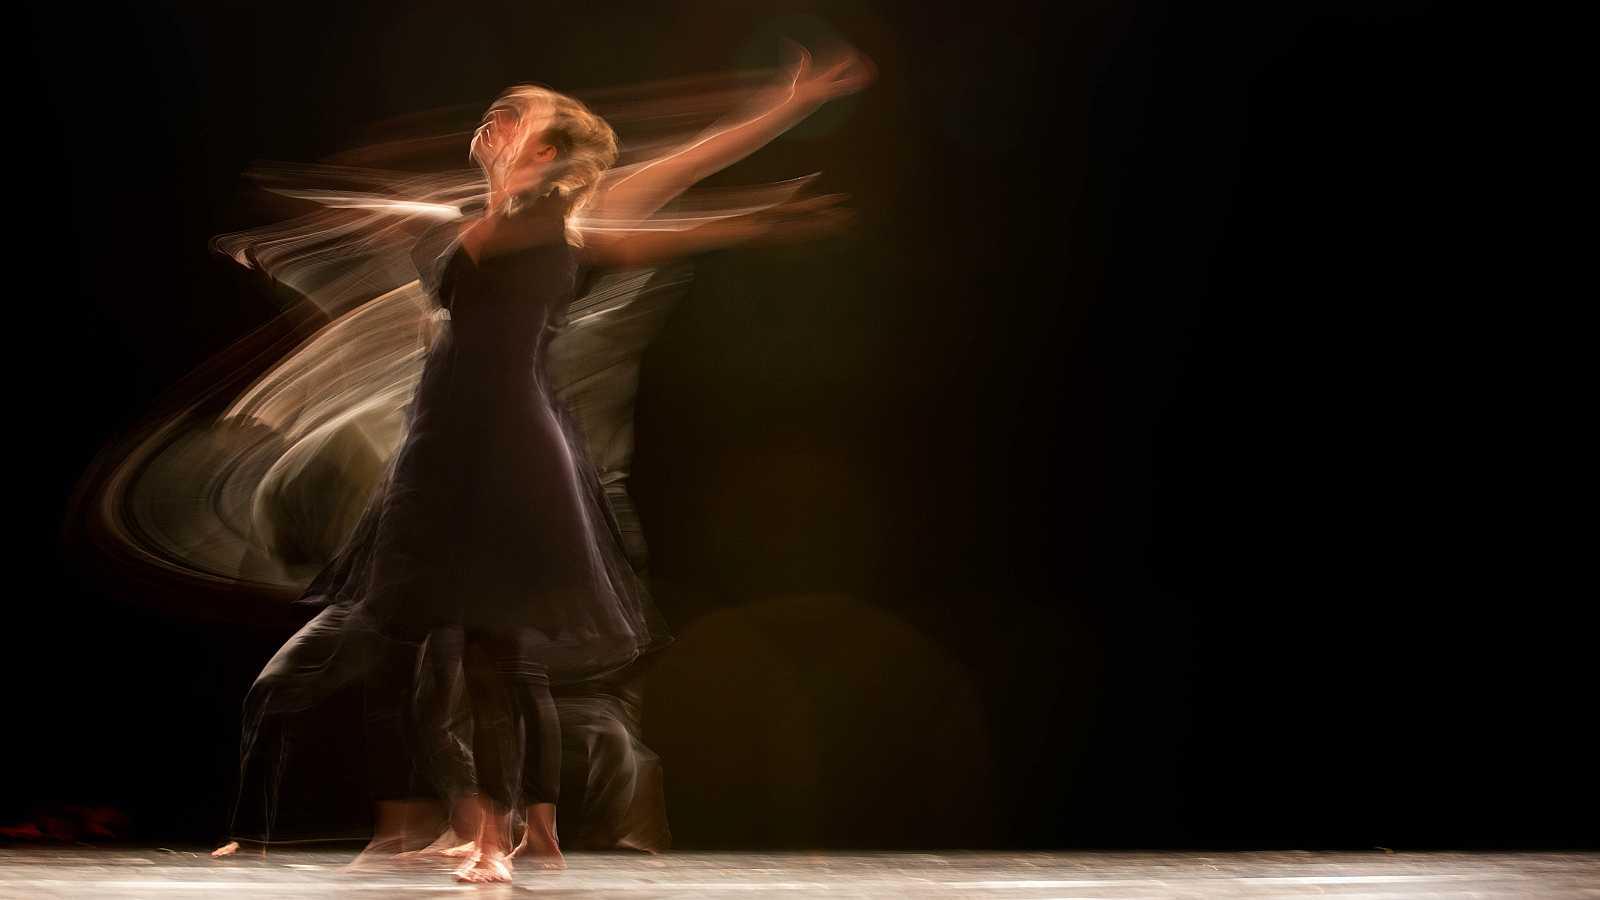 Entrevista: Bailar le sienta así de bien al cerebro - escuchar ahora